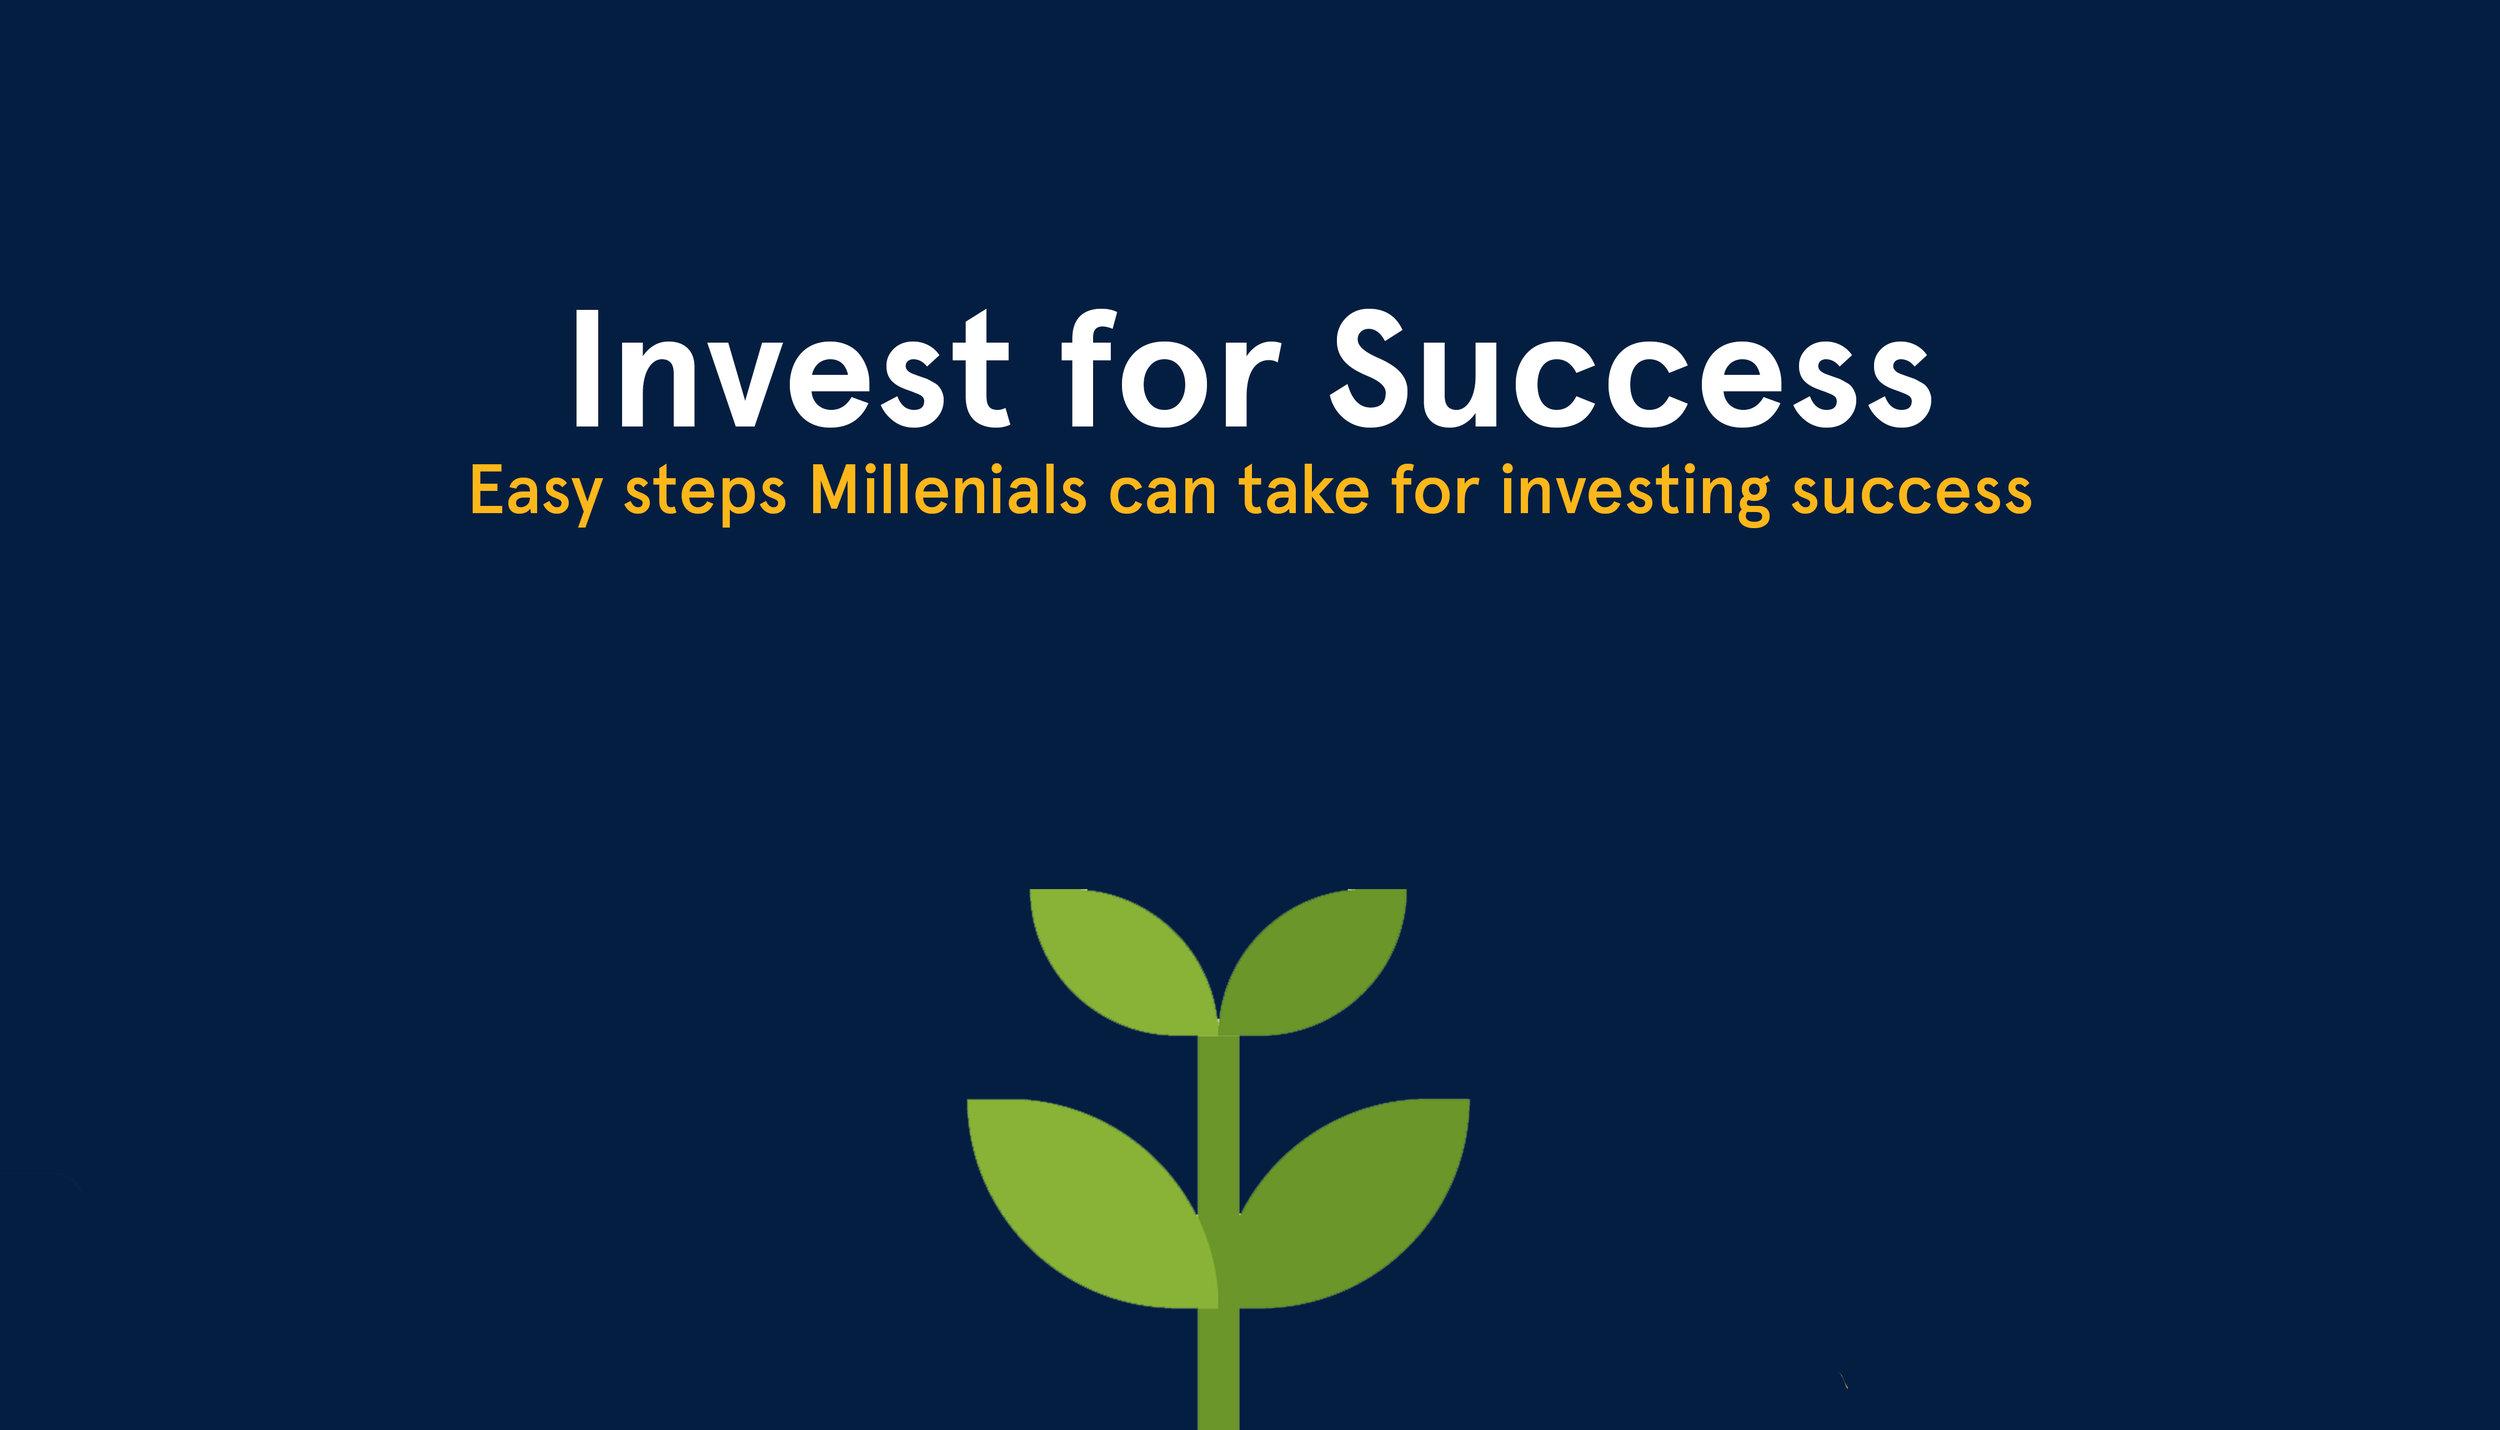 invest_likedin.jpg